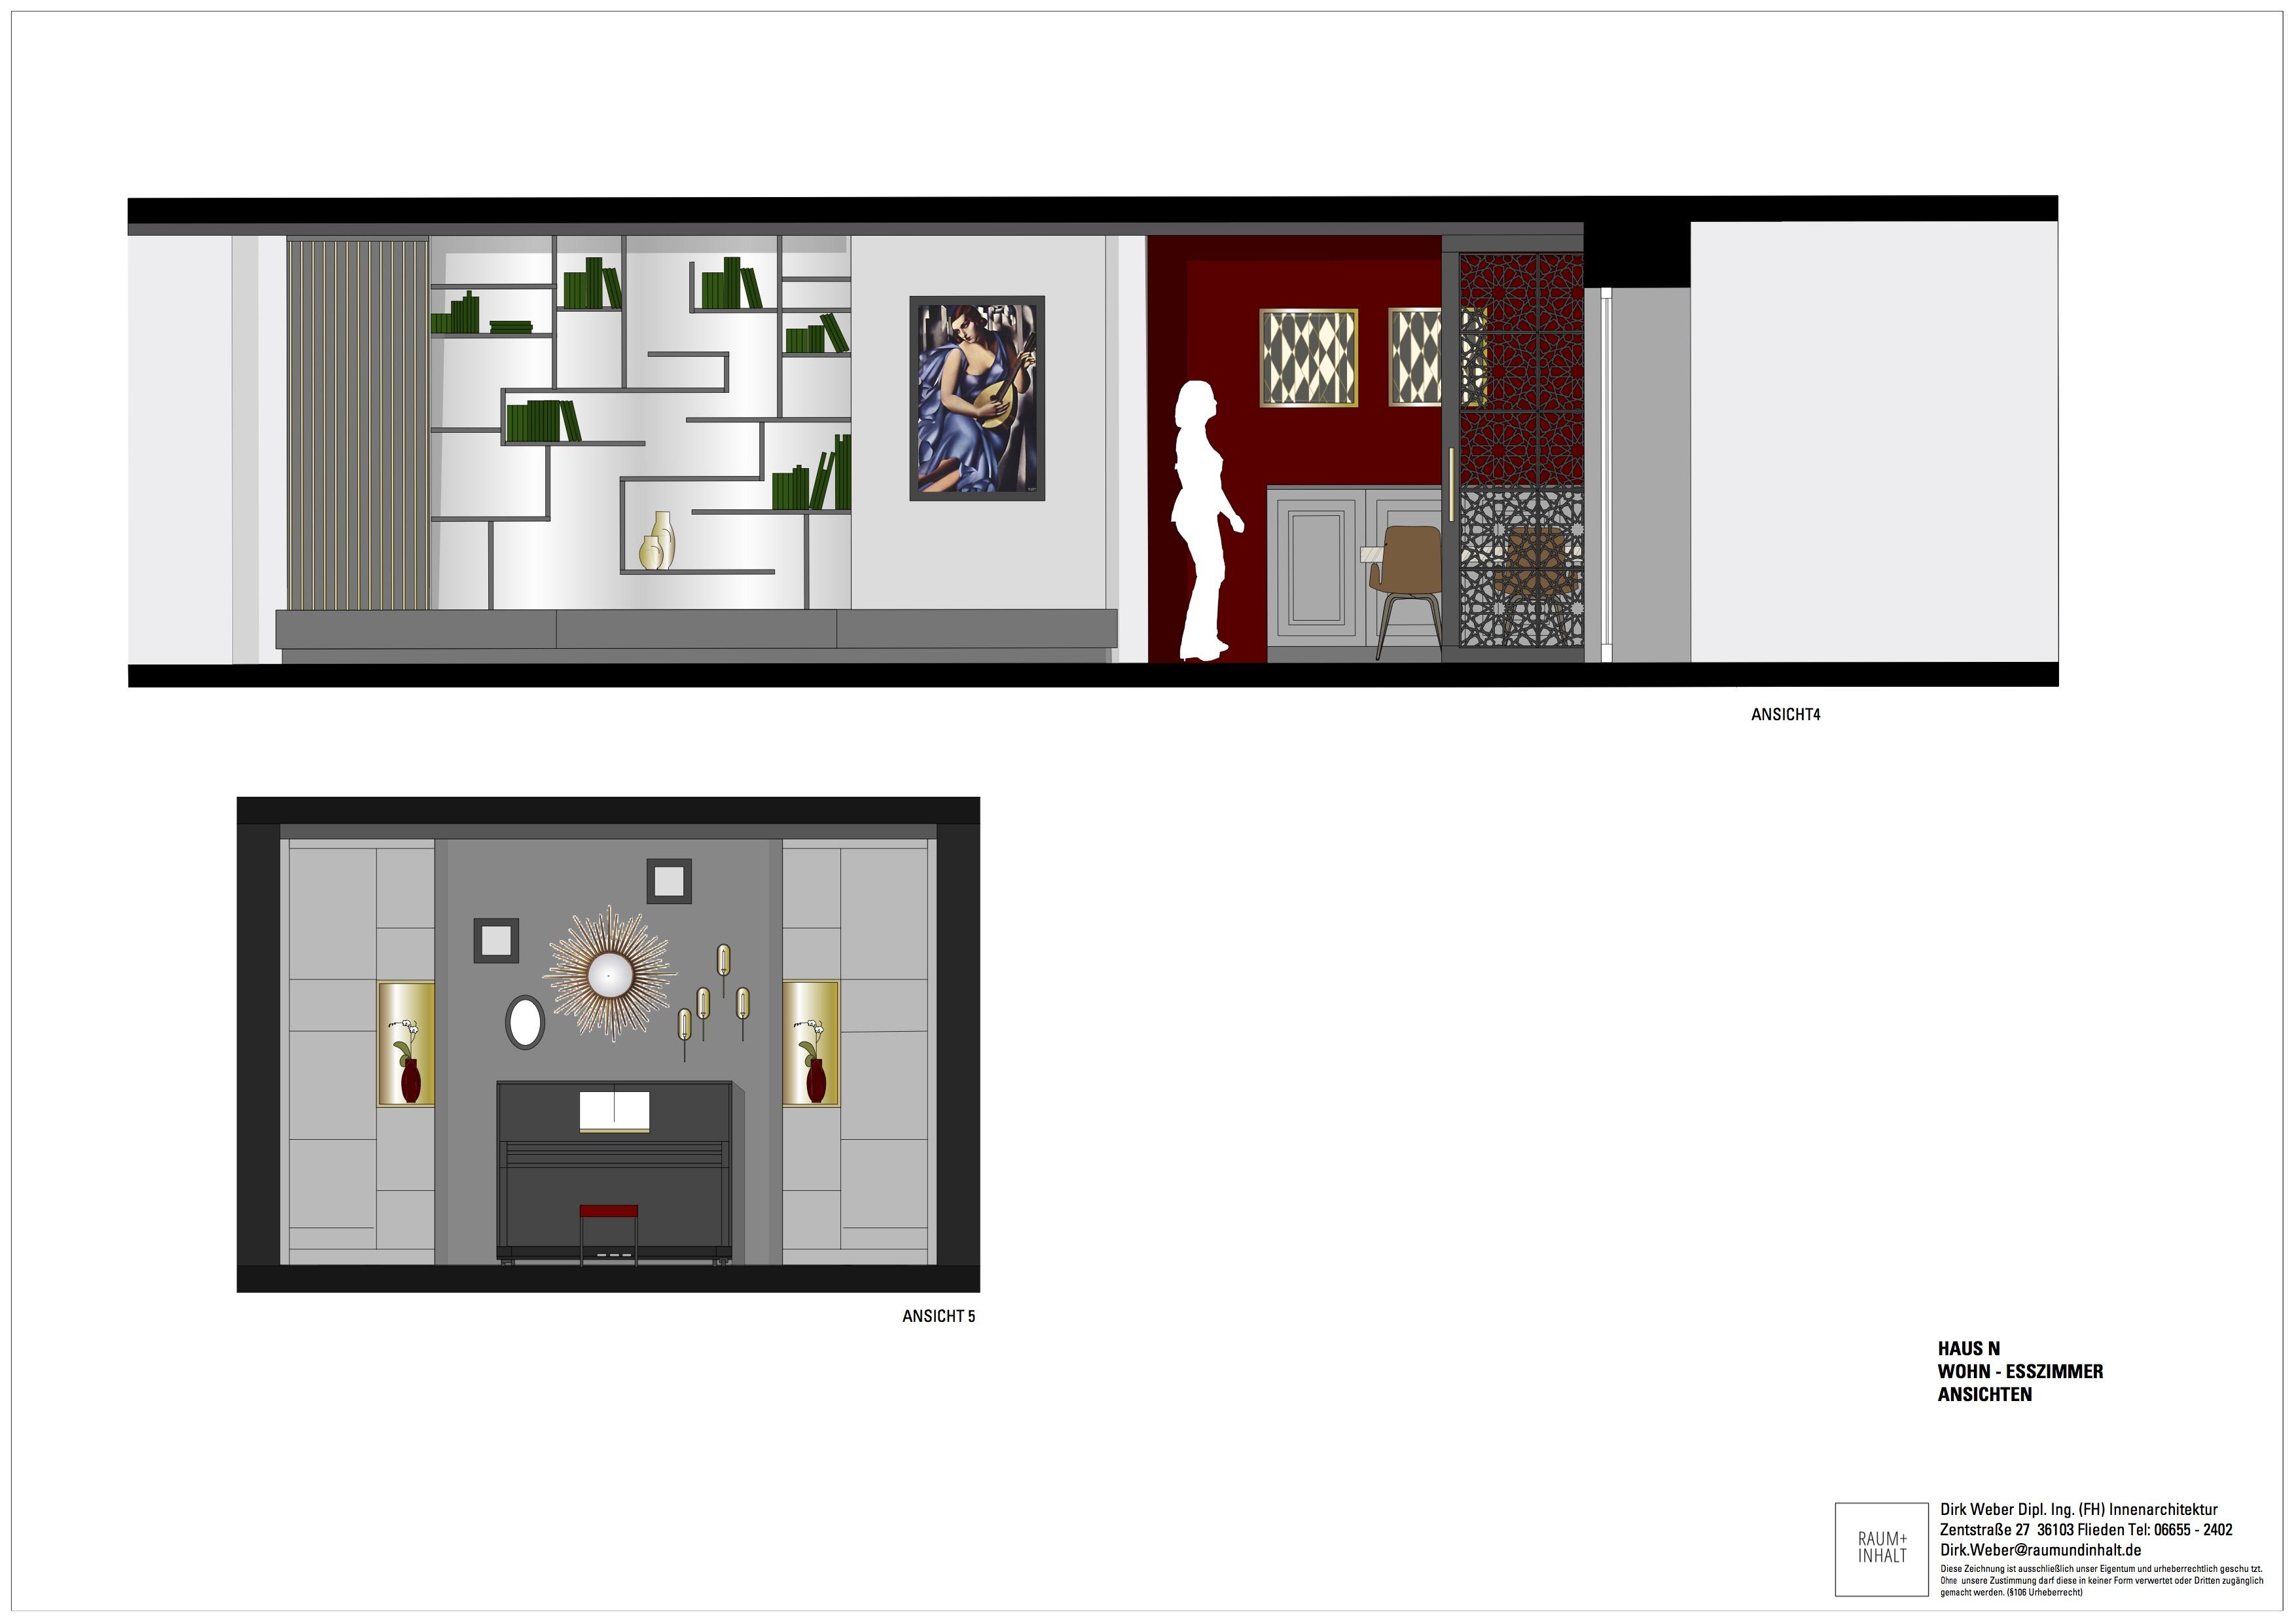 Haus n fulda innenarchitektur raum inhalt d weber dipl for Haus innenarchitektur